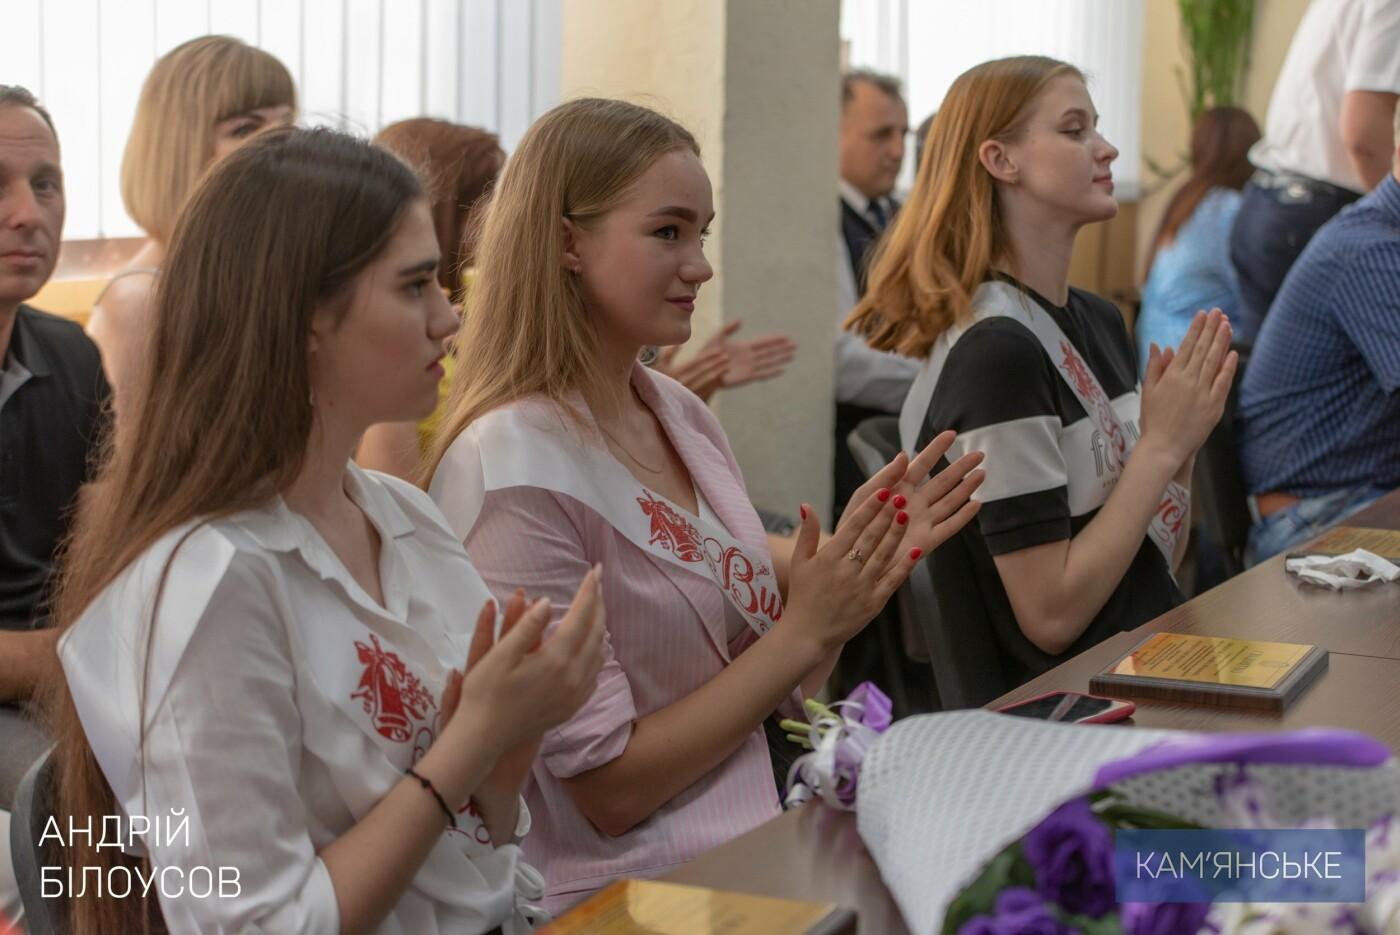 Выпускникам ДЮСШ №4 вручили свидетельства об окончании спортшколы, фото-2